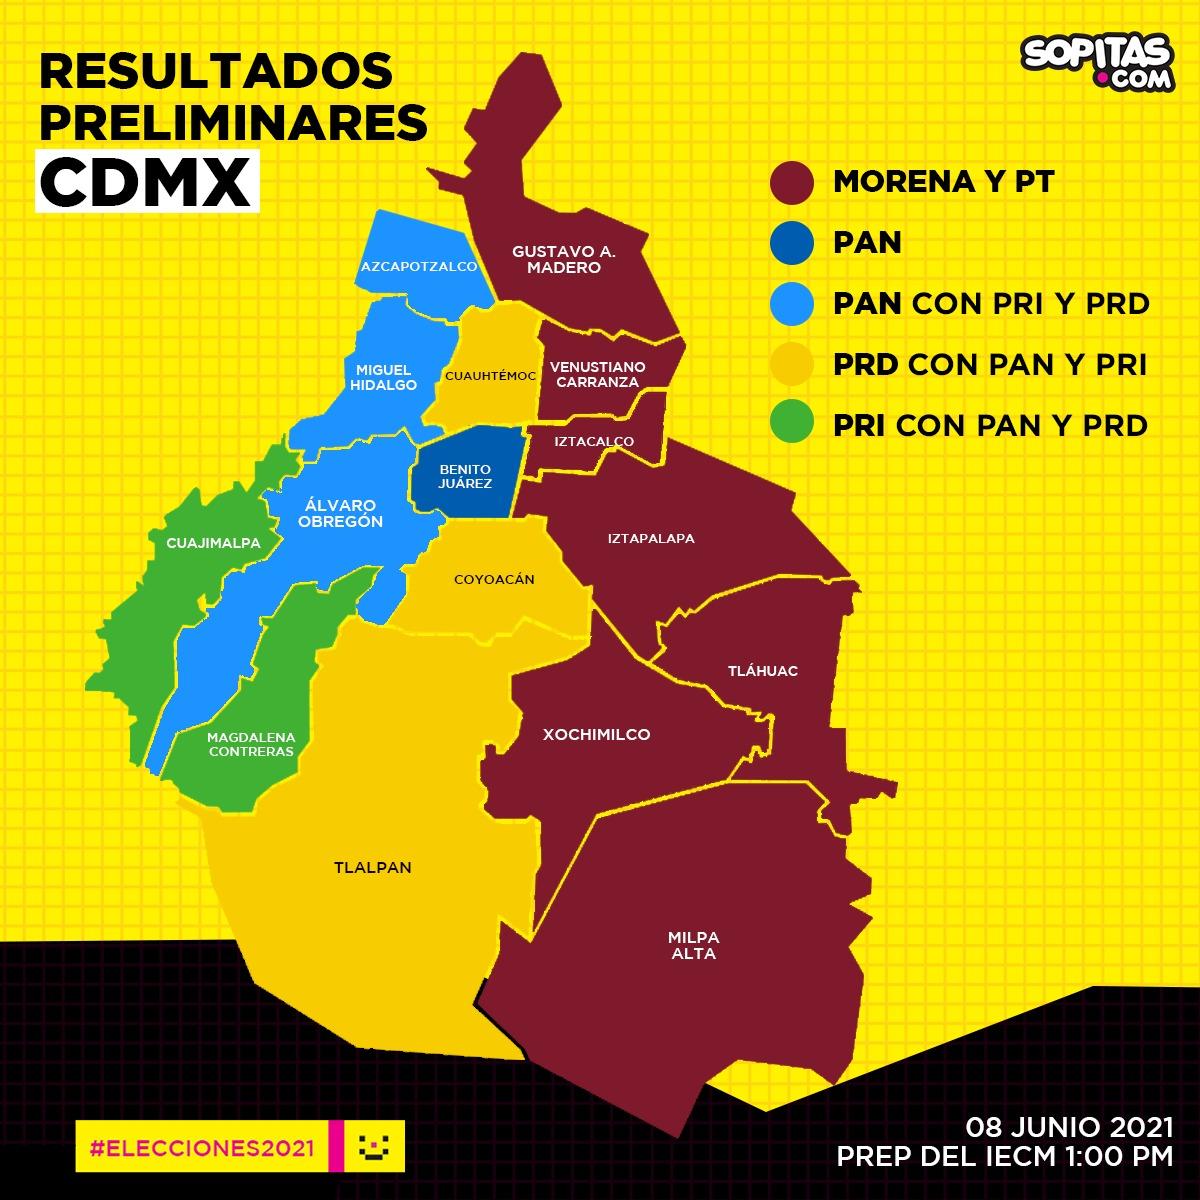 cdmx-alcaldias-elecciones